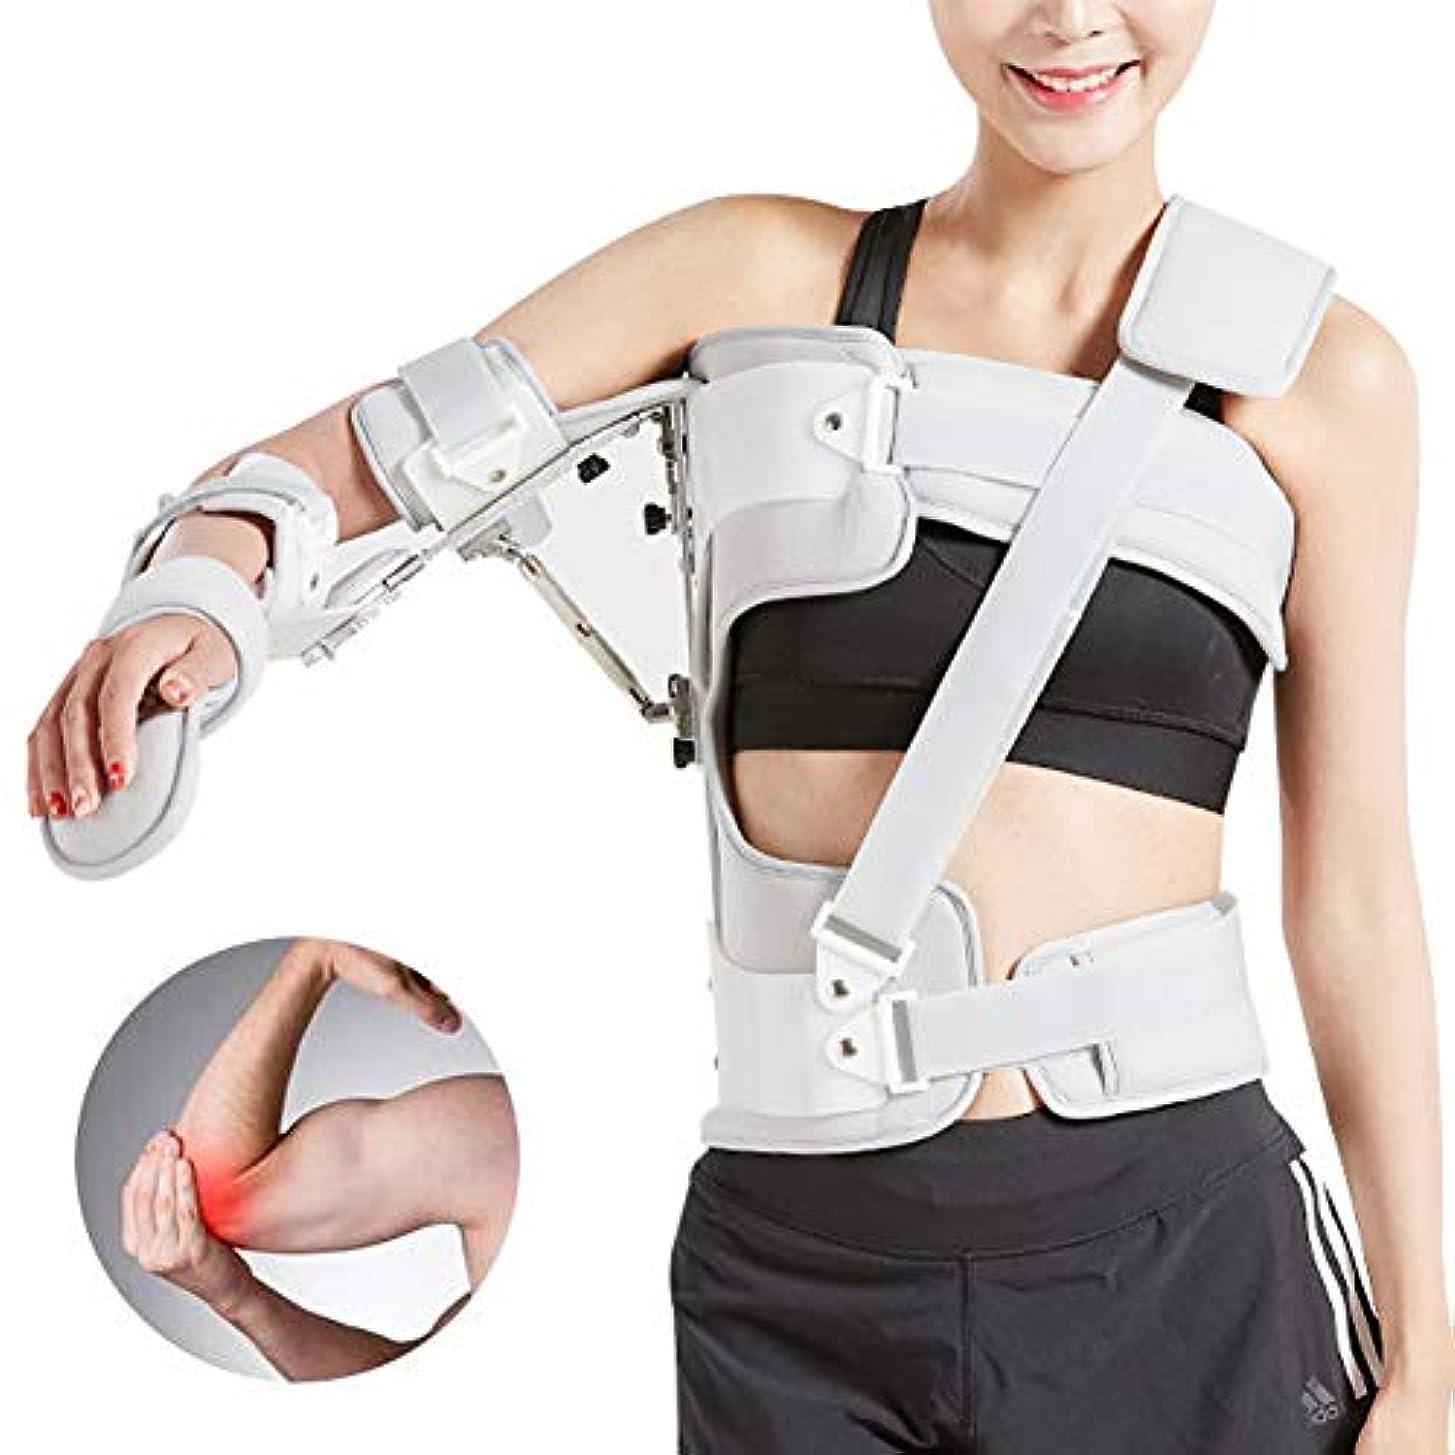 醜いリーン貨物調節可能なアームスリング外転枕骨折肘サポートブレース、傷害回復アーム固定、転位回旋腱板滑液包炎腱炎、ワンサイズ - ユニセックス